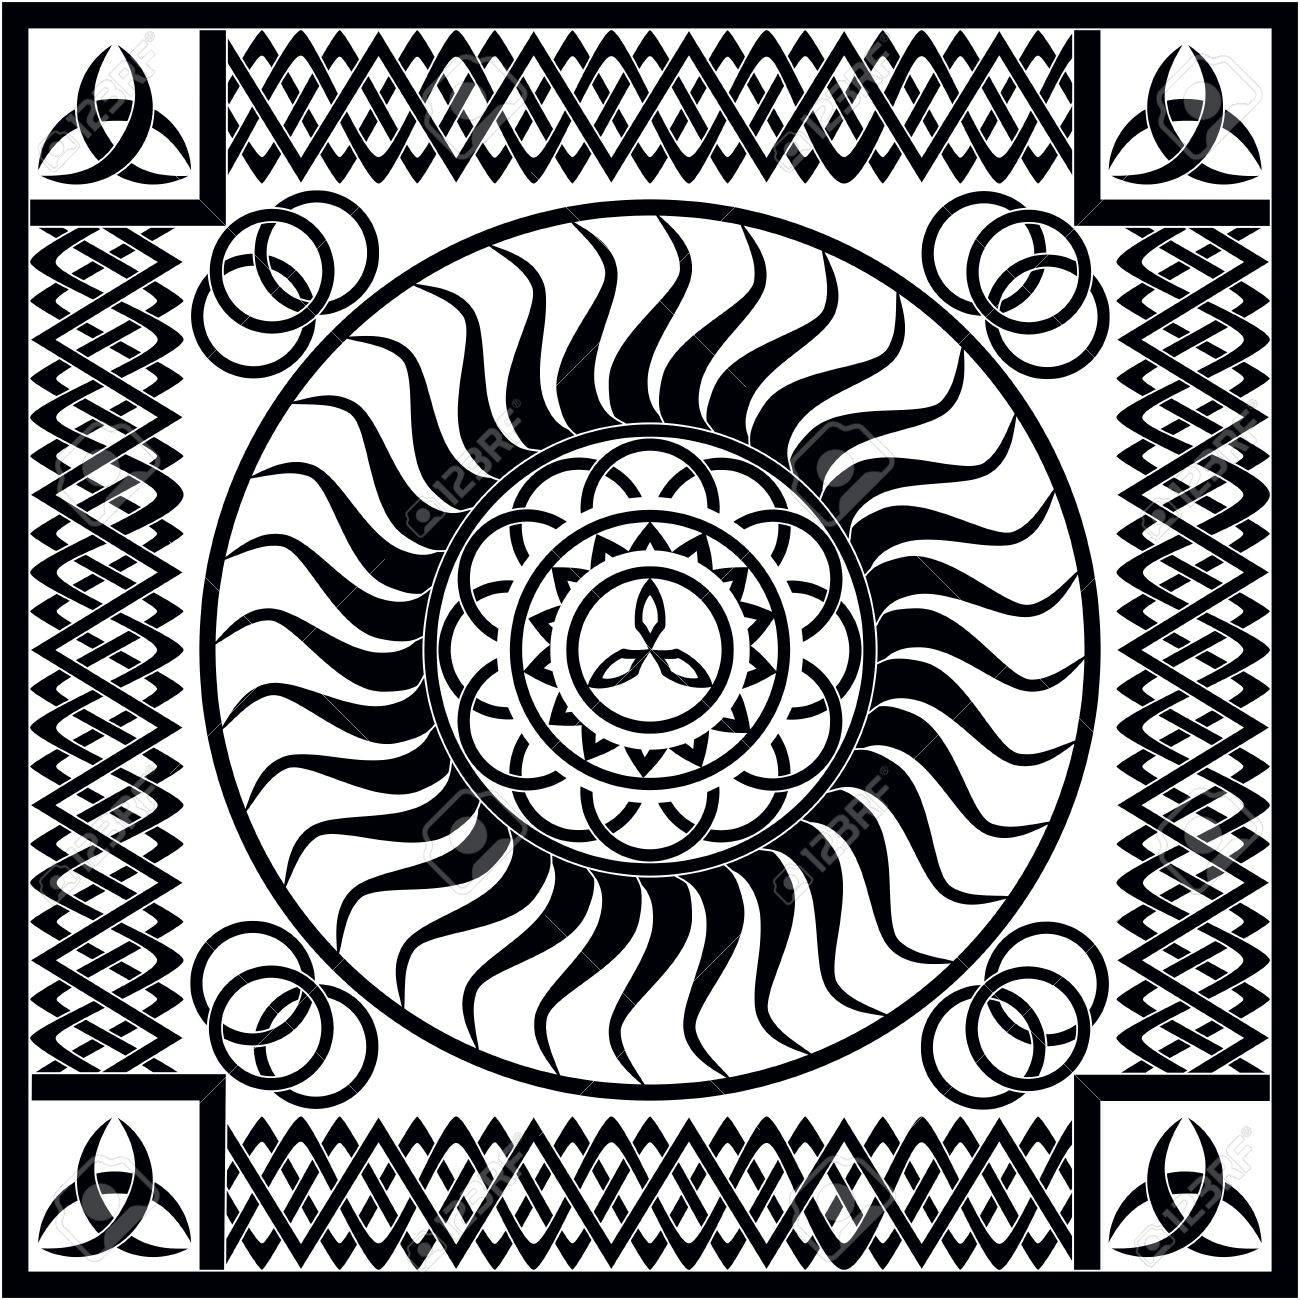 Vektor mittelalterlichen - Keltic Designs Standard-Bild - 42096973